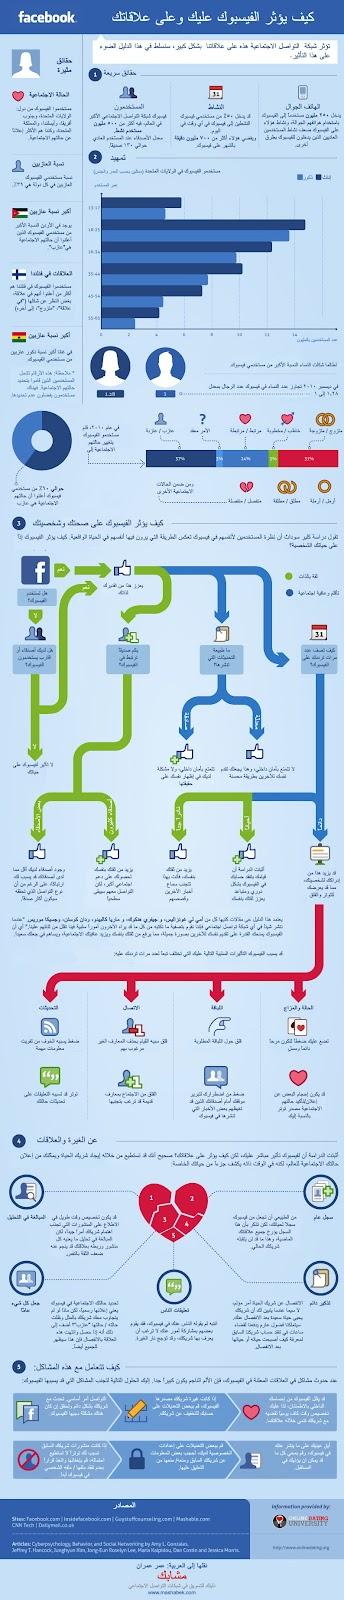 كيف يؤثر الفيسبوك عليك وعلى علاقاتك الاجتماعية – معلومات مصو 13335830141